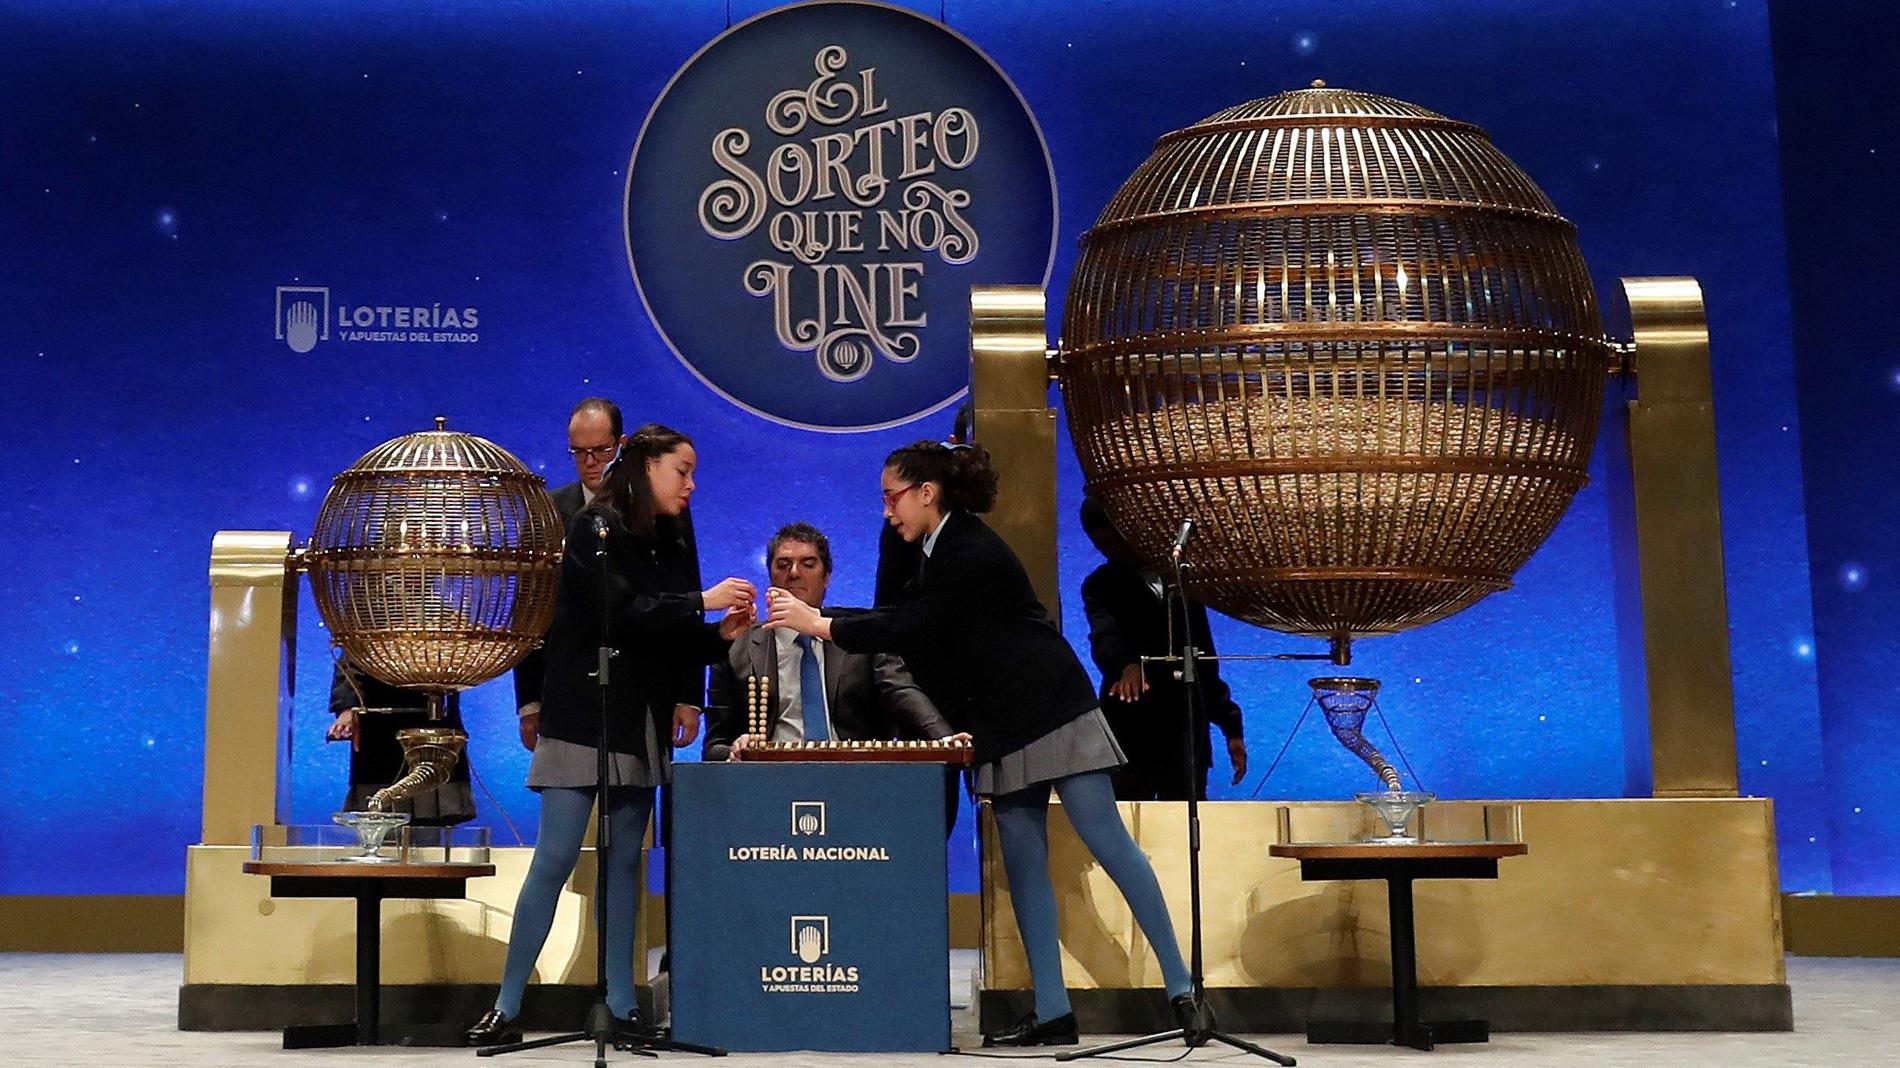 Los mejores momentos  de la Lotería de Navidad 2019, en 3 minutos